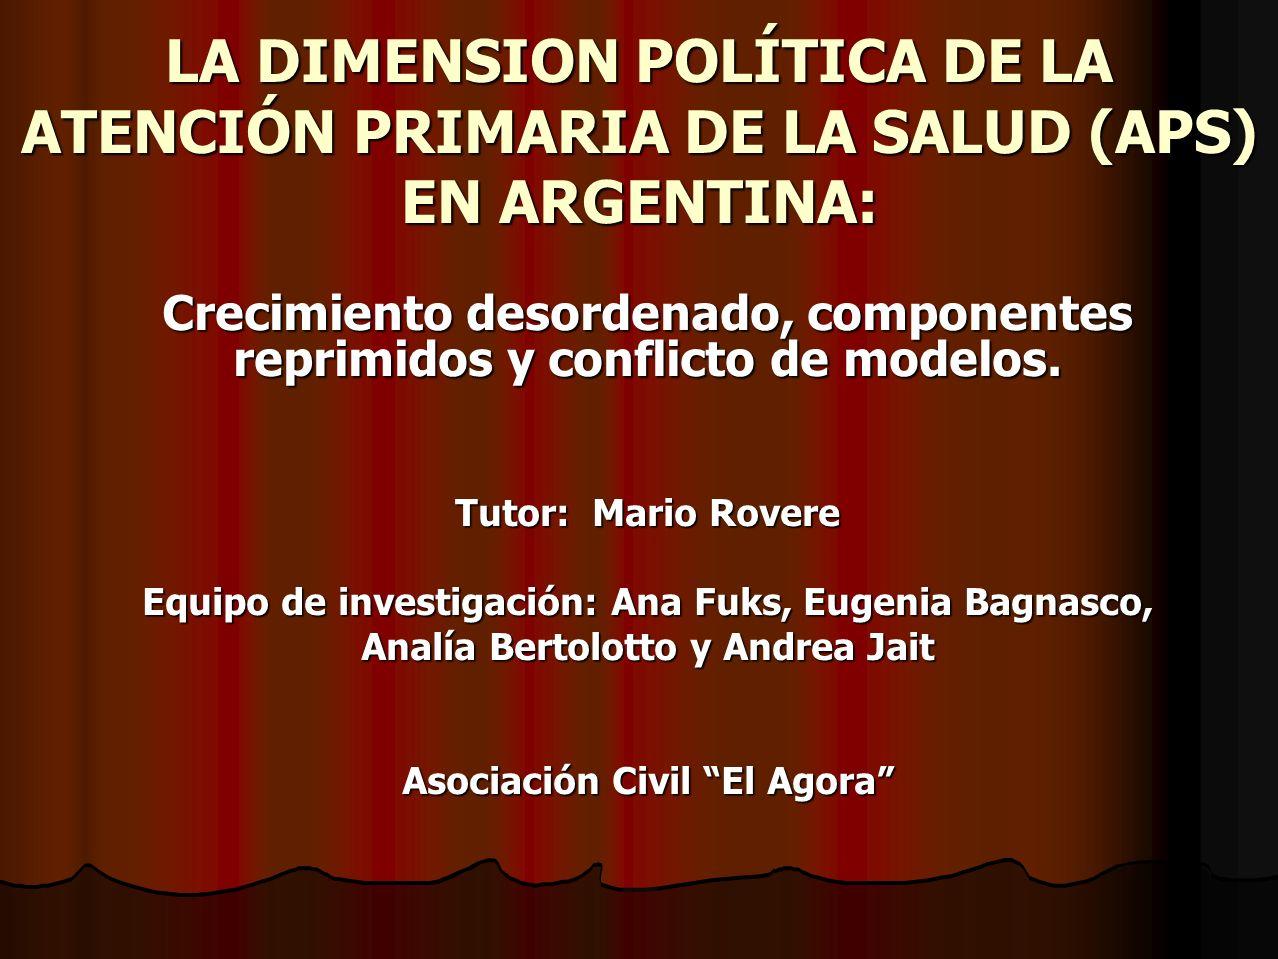 LA DIMENSION POLÍTICA DE LA ATENCIÓN PRIMARIA DE LA SALUD (APS) EN ARGENTINA: Crecimiento desordenado, componentes reprimidos y conflicto de modelos.